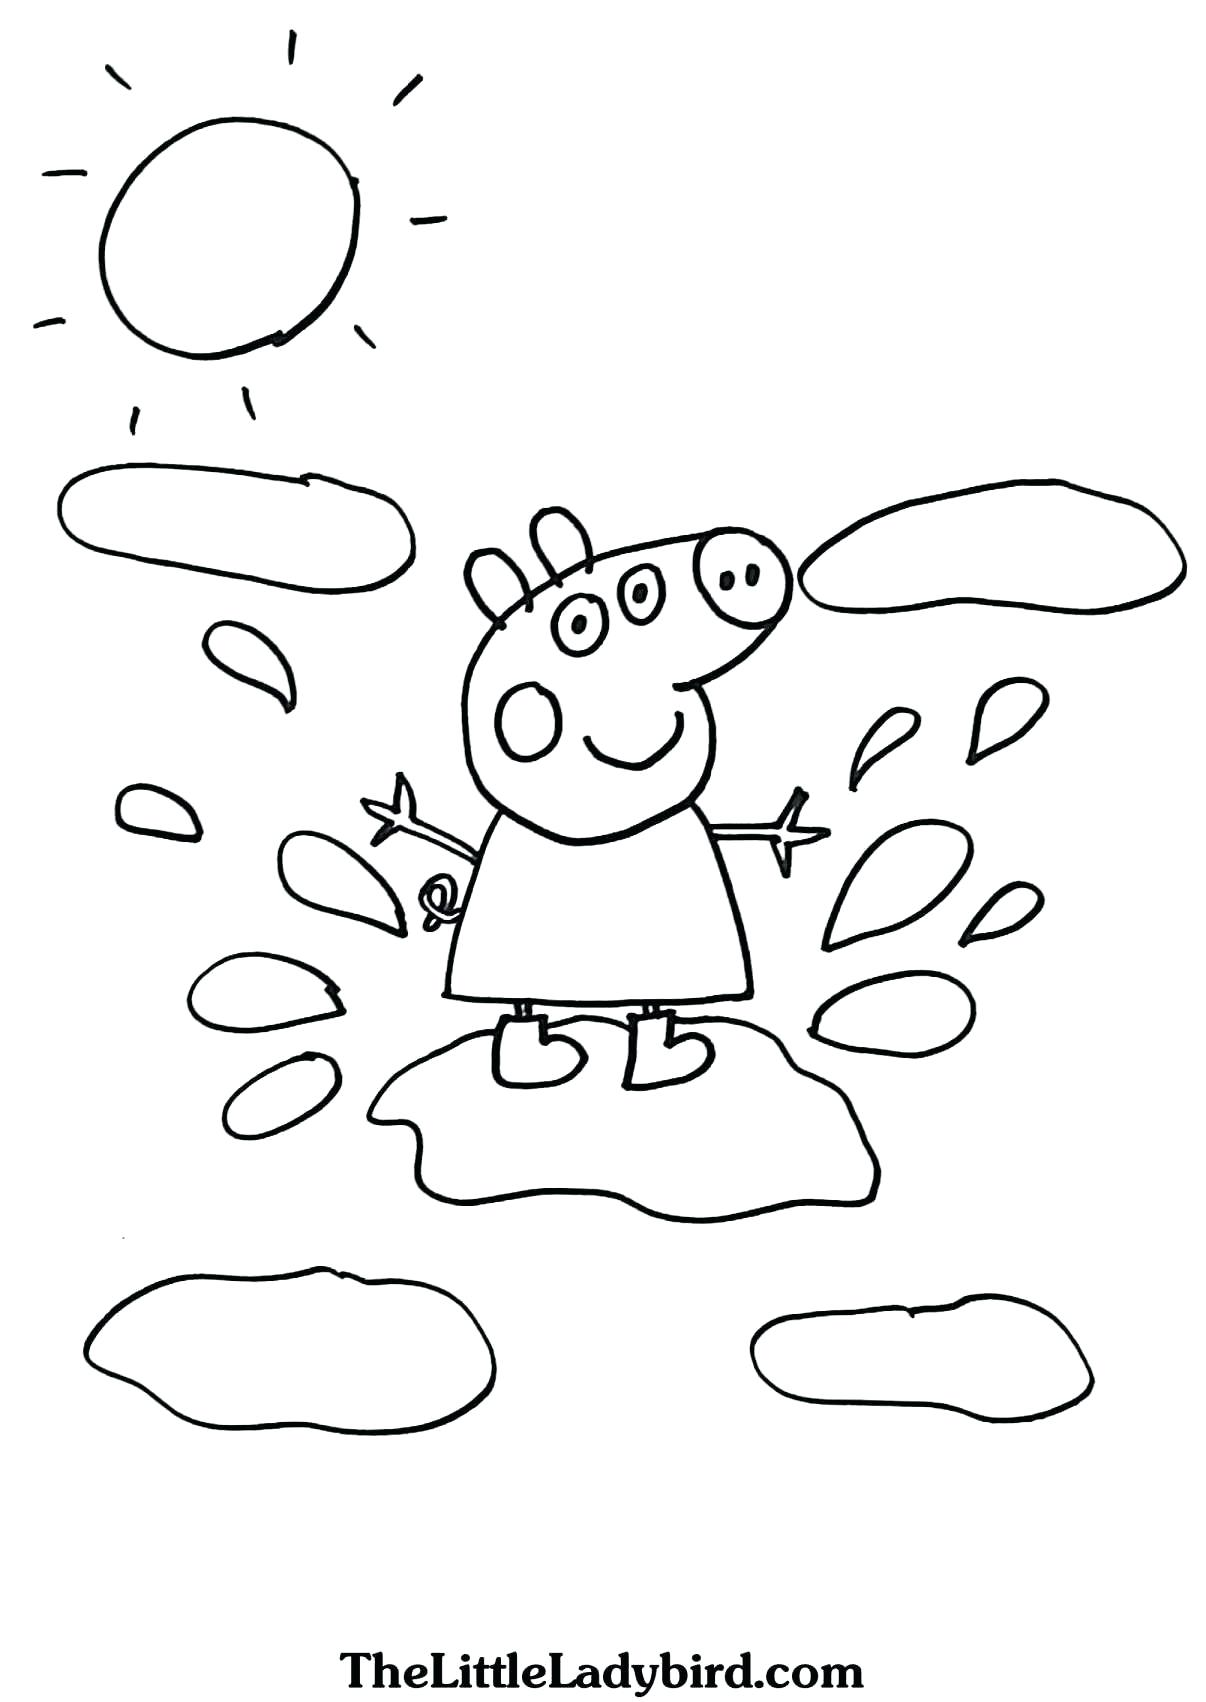 Hình ảnh tô màu đẹp của chú heo Peppa